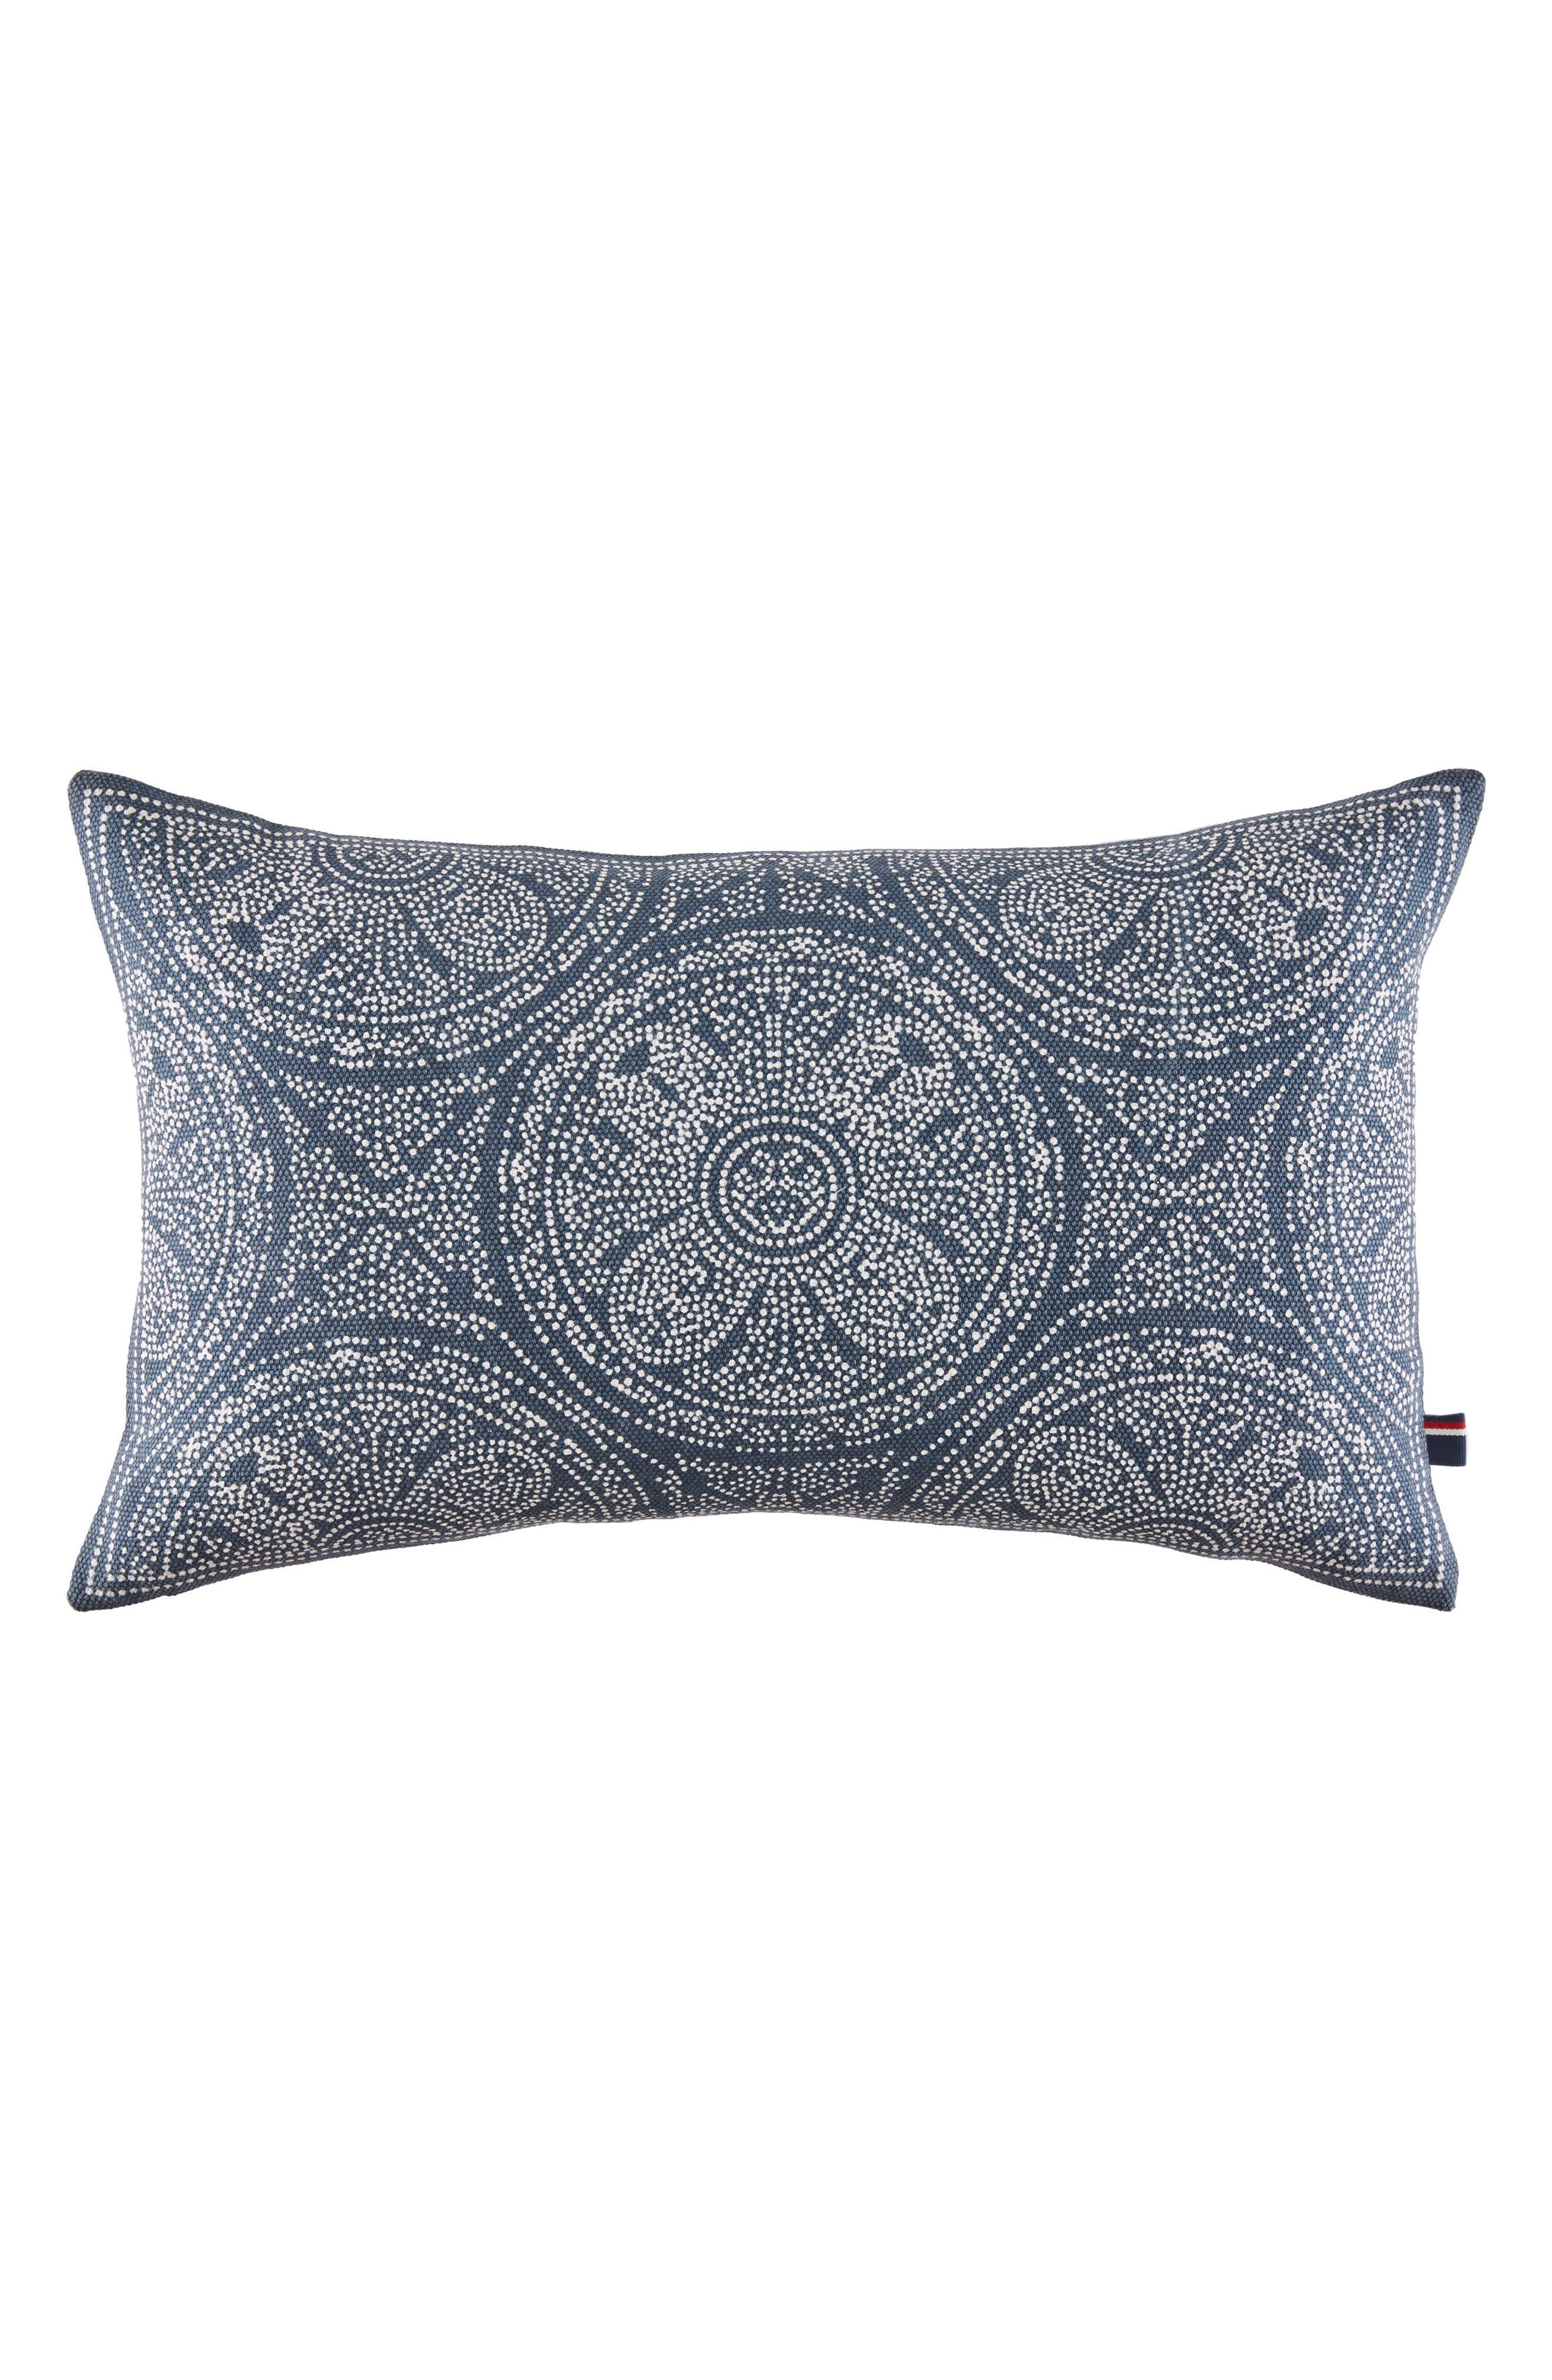 Batik Indigo Accent Pillow,                             Main thumbnail 1, color,                             Navy